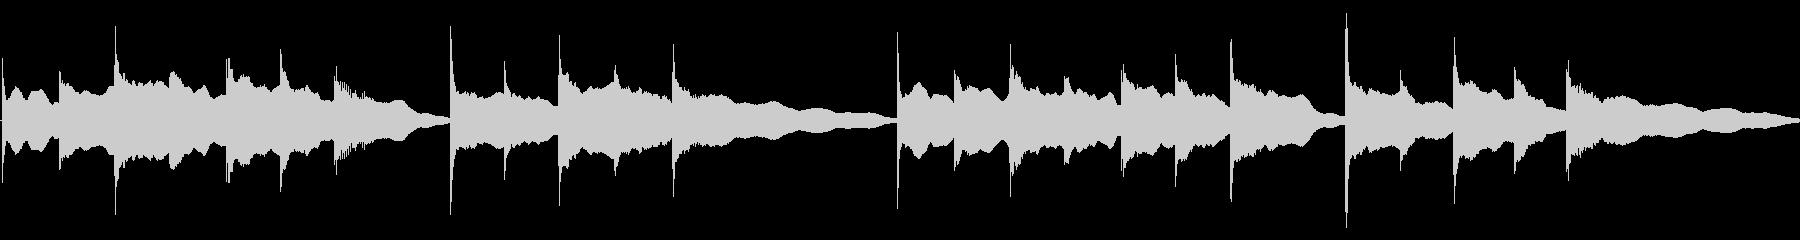 ビブラフォンの子守唄 その3の未再生の波形